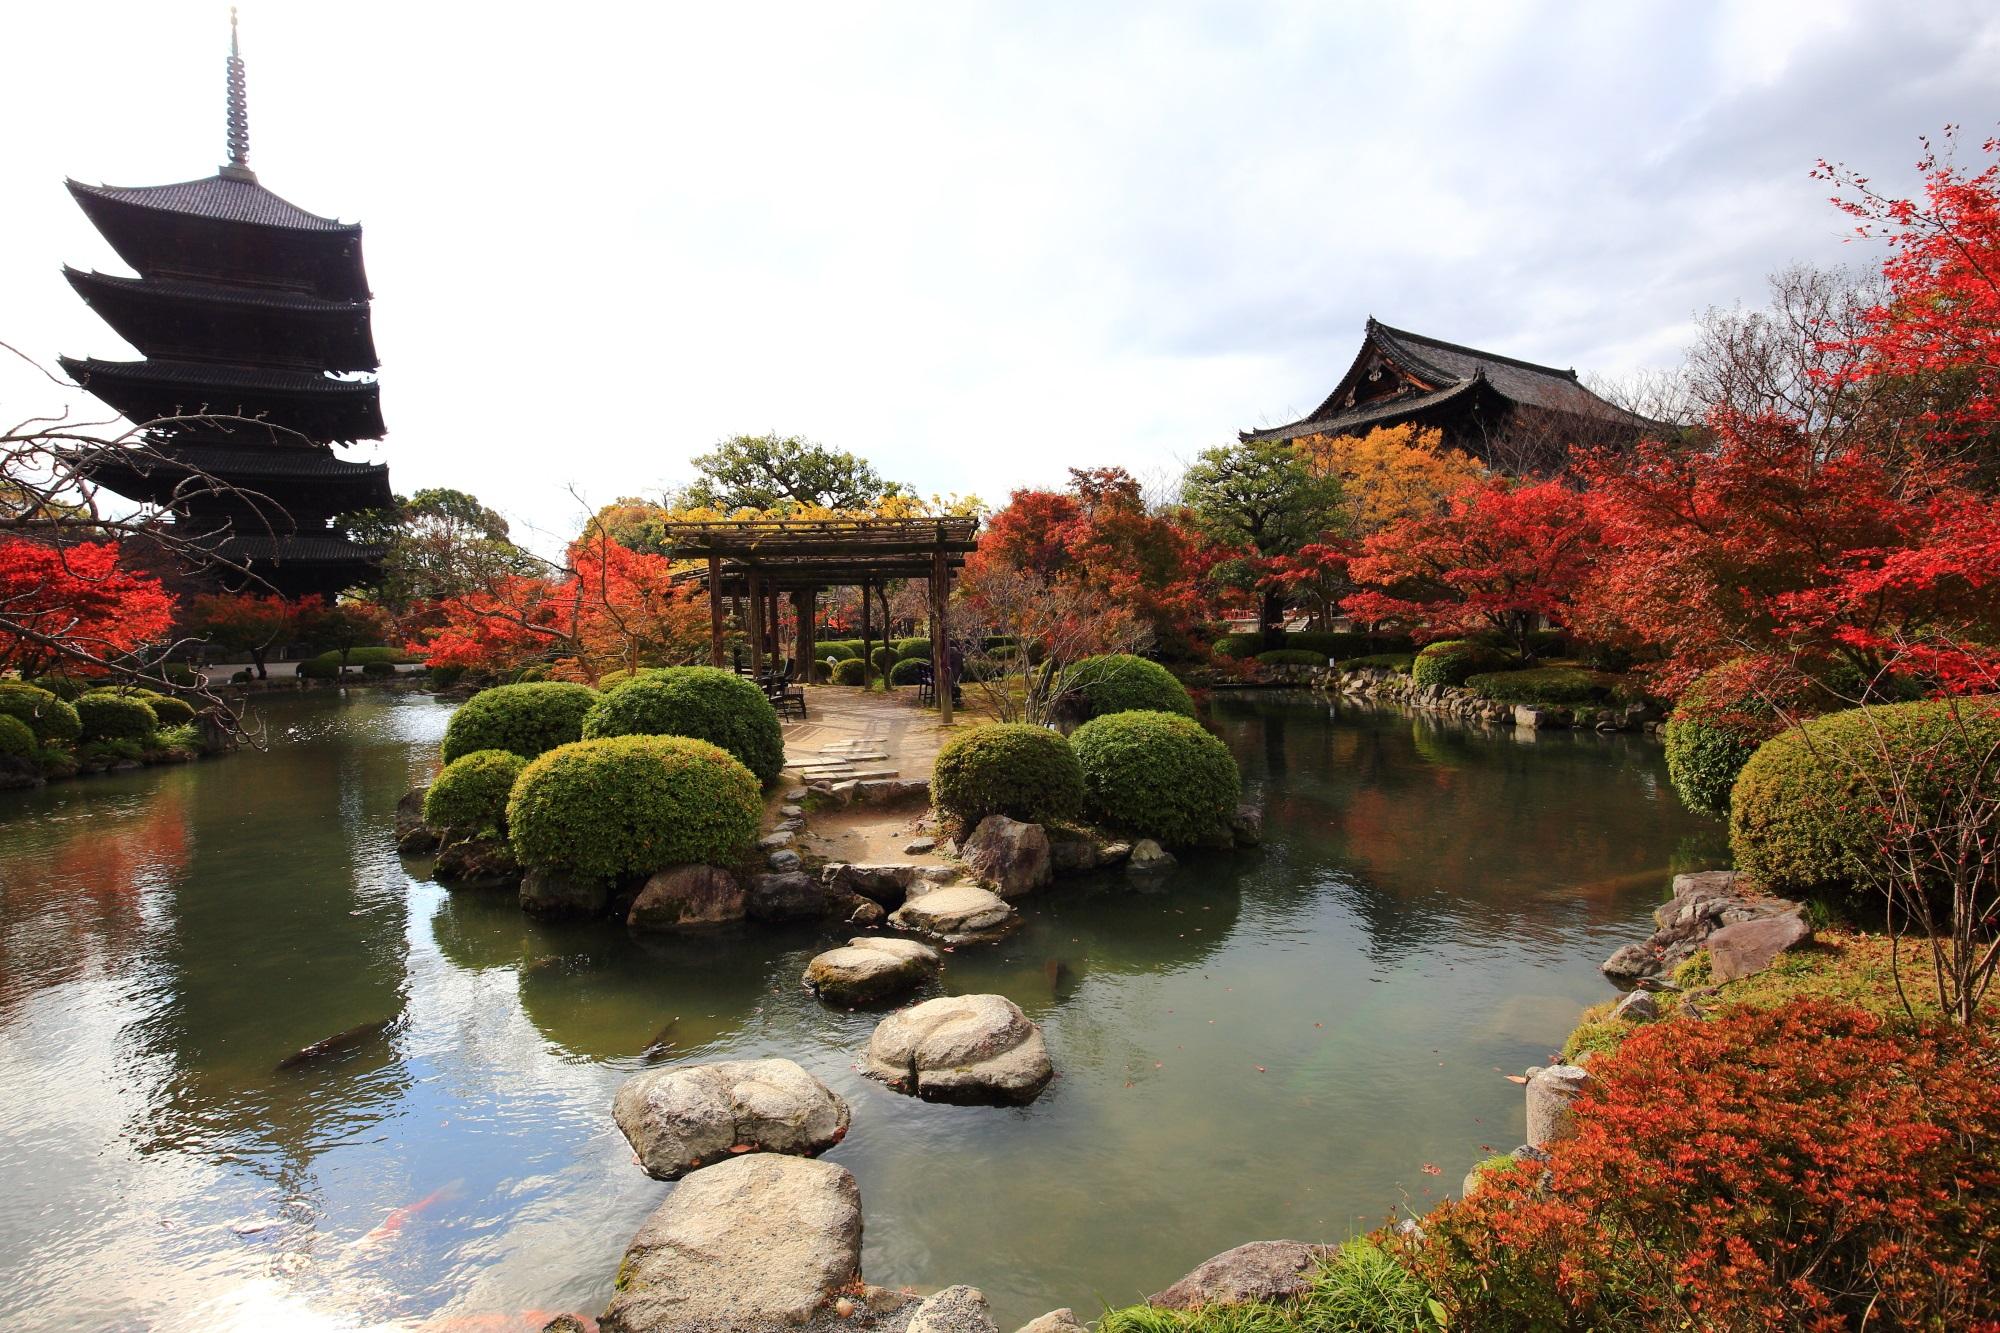 紅葉名所の当為の瓢箪池と五重塔と金堂と見ごろの紅葉